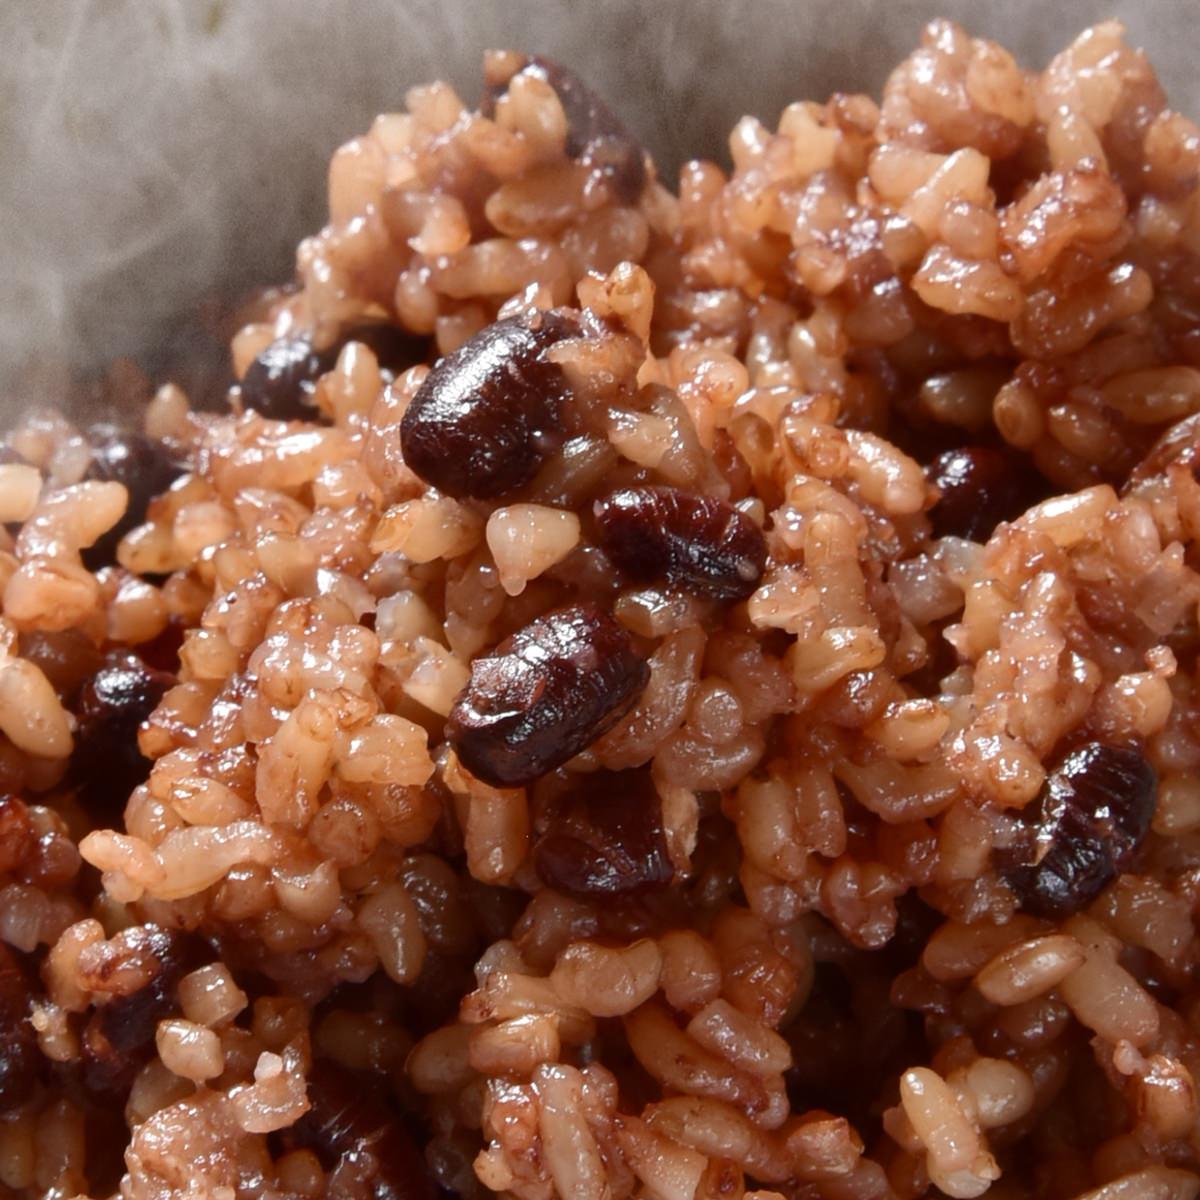 春日屋 レンジ対応! 3日寝かせ 発芽酵素玄米ごはん 18食 冷凍〔125g×18〕